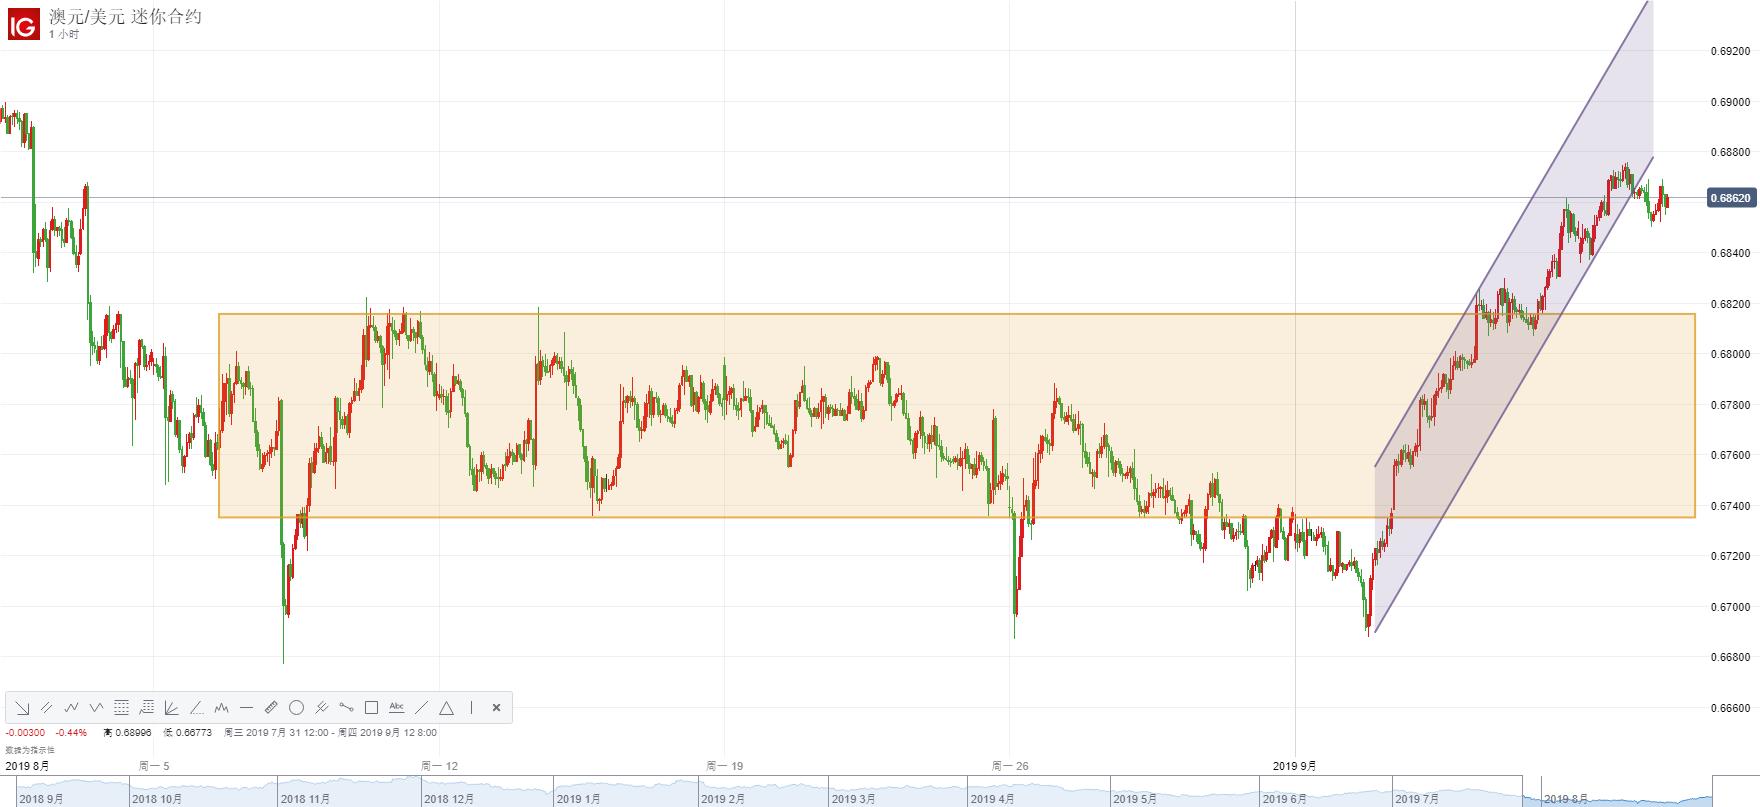 欧央行降息在即,美元指数跌势受限!澳元兑美元、美元兑加元走势分析